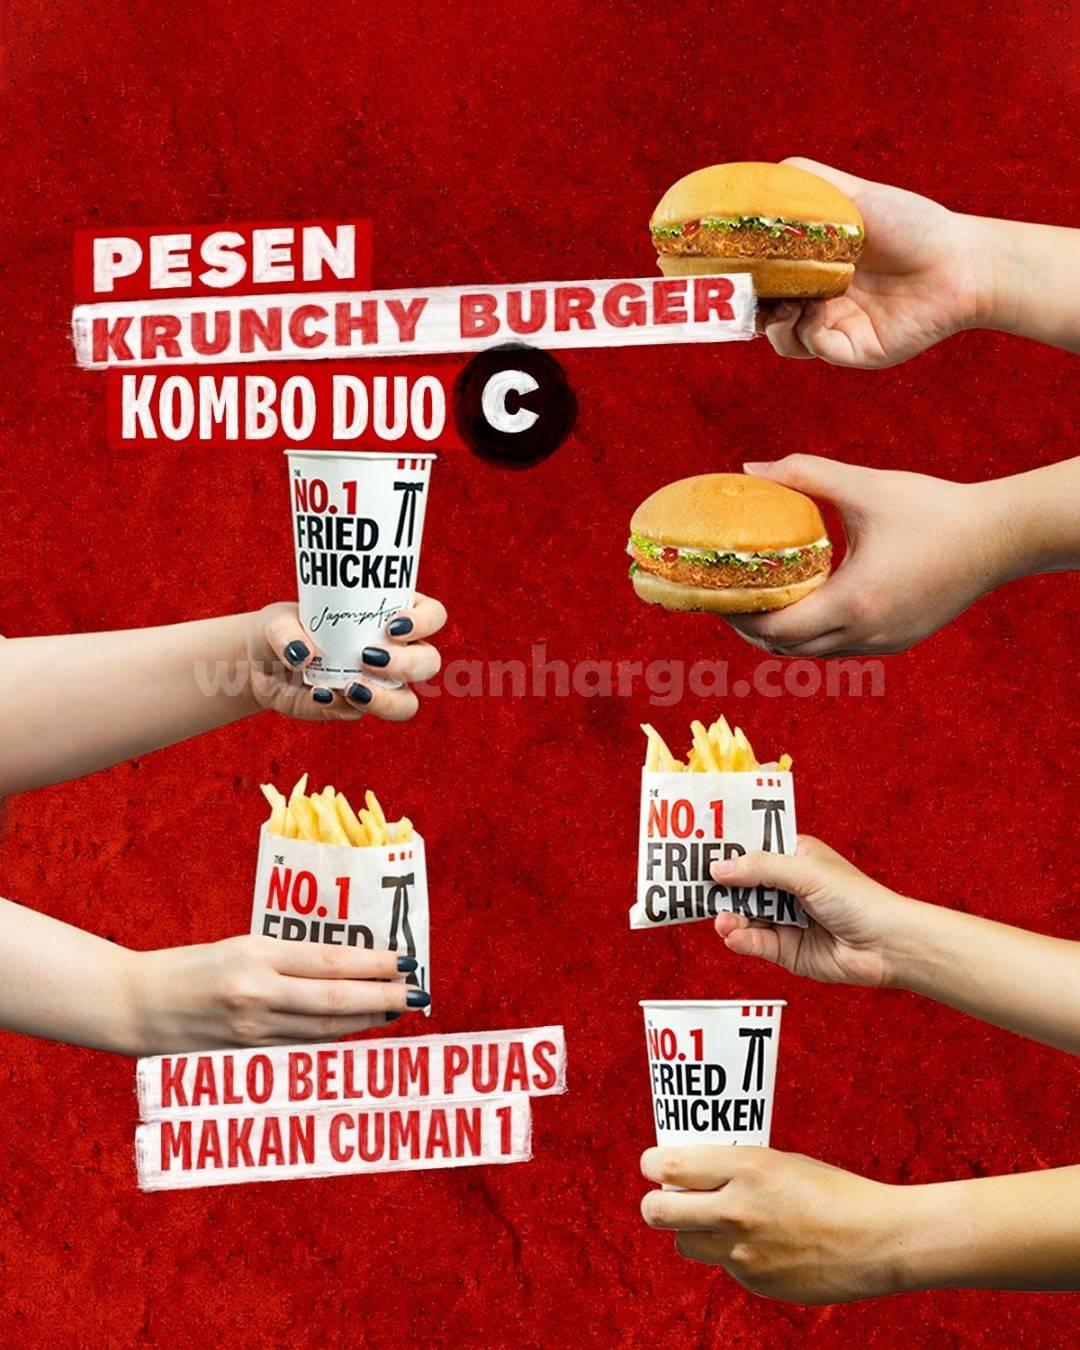 KFC Krunchy Burger Kombo Duo Harga cuma Cuma 50 Ribuan Aja